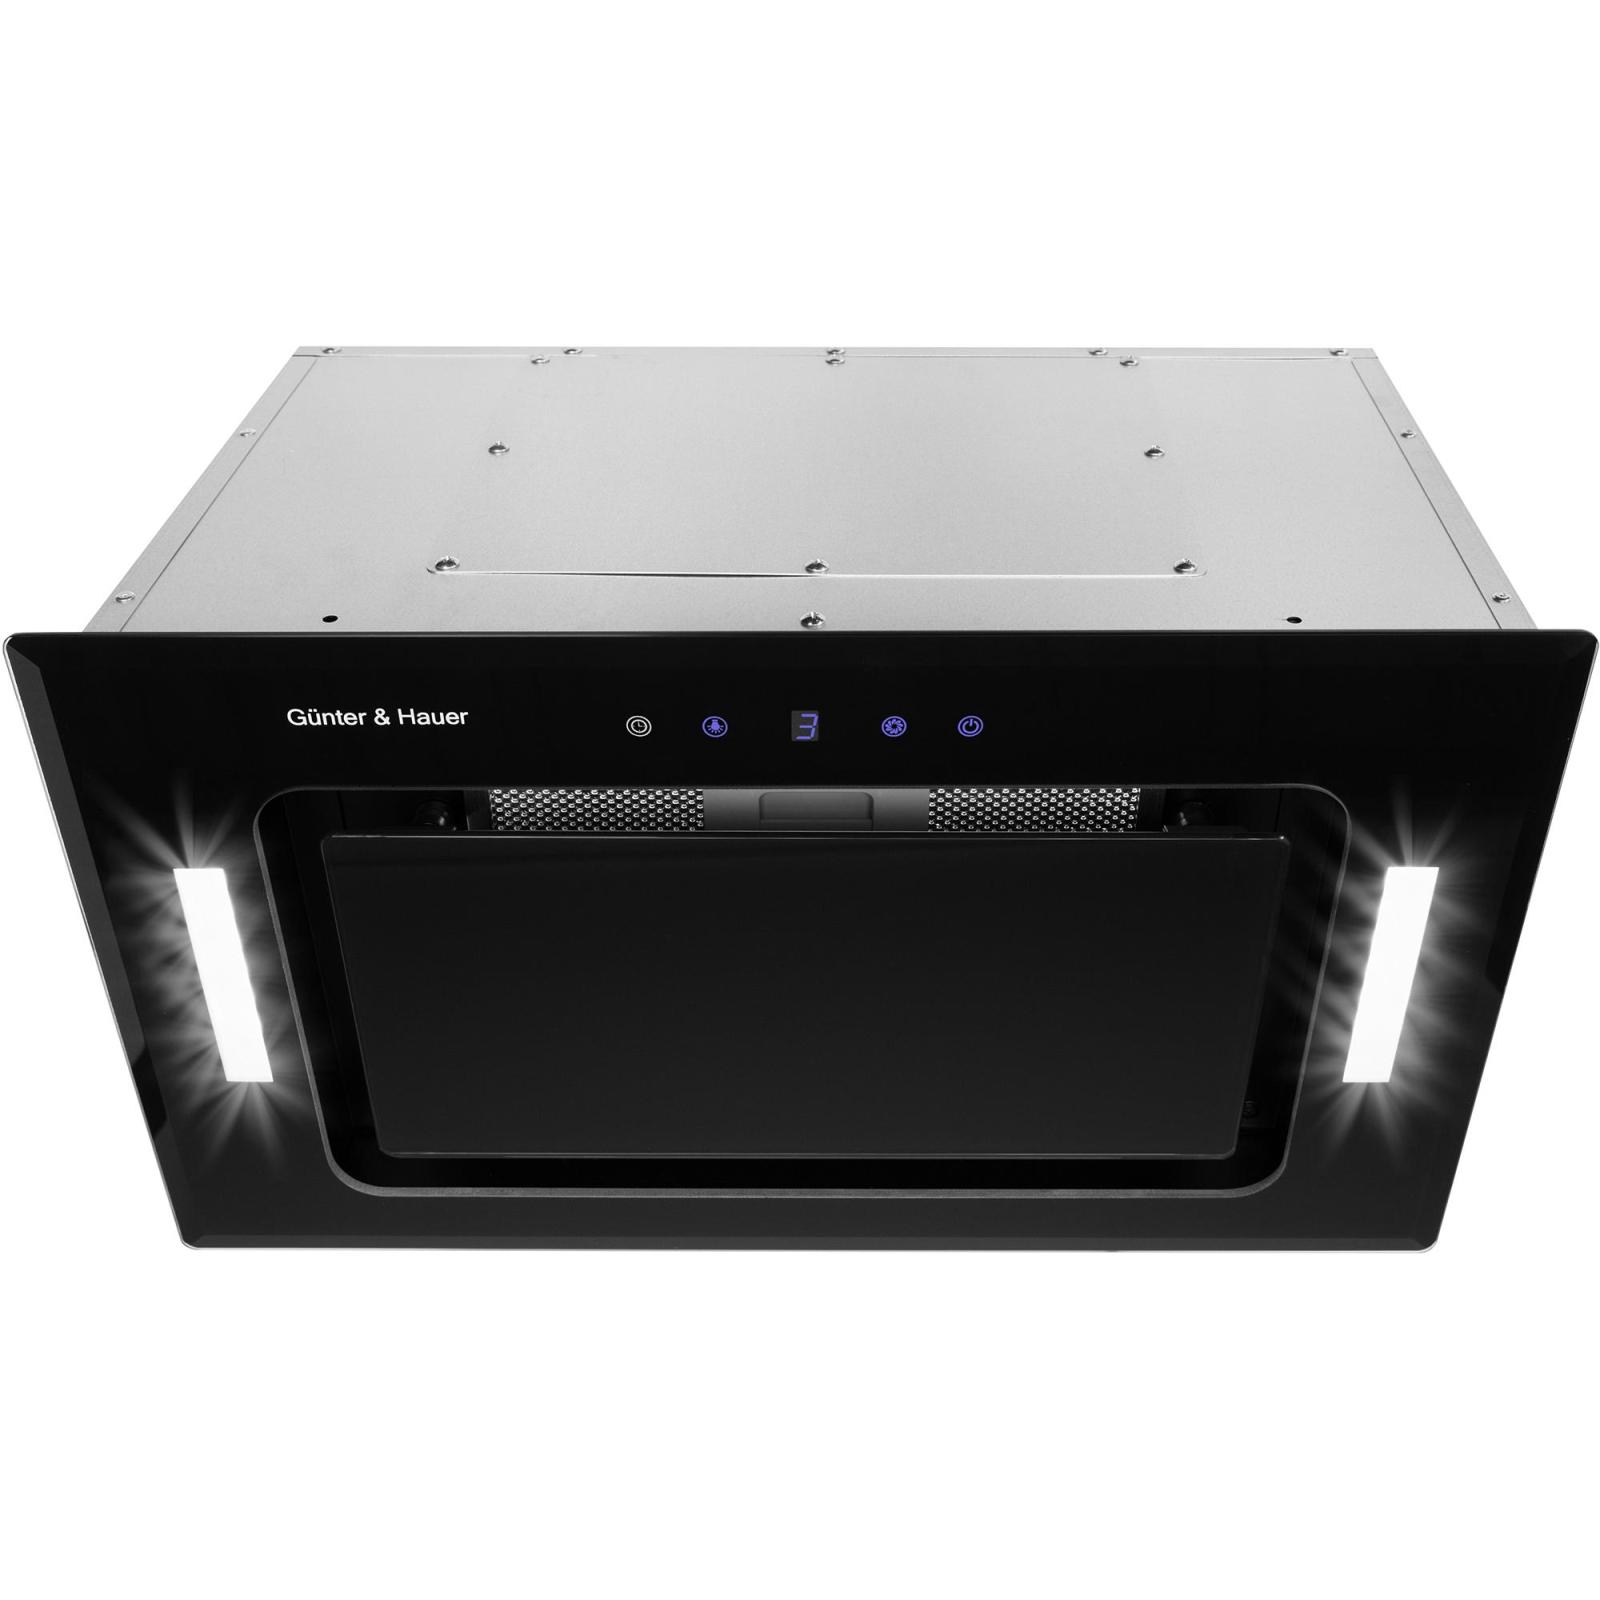 Вытяжка кухонная GUNTER&HAUER ATALA 1060 GL